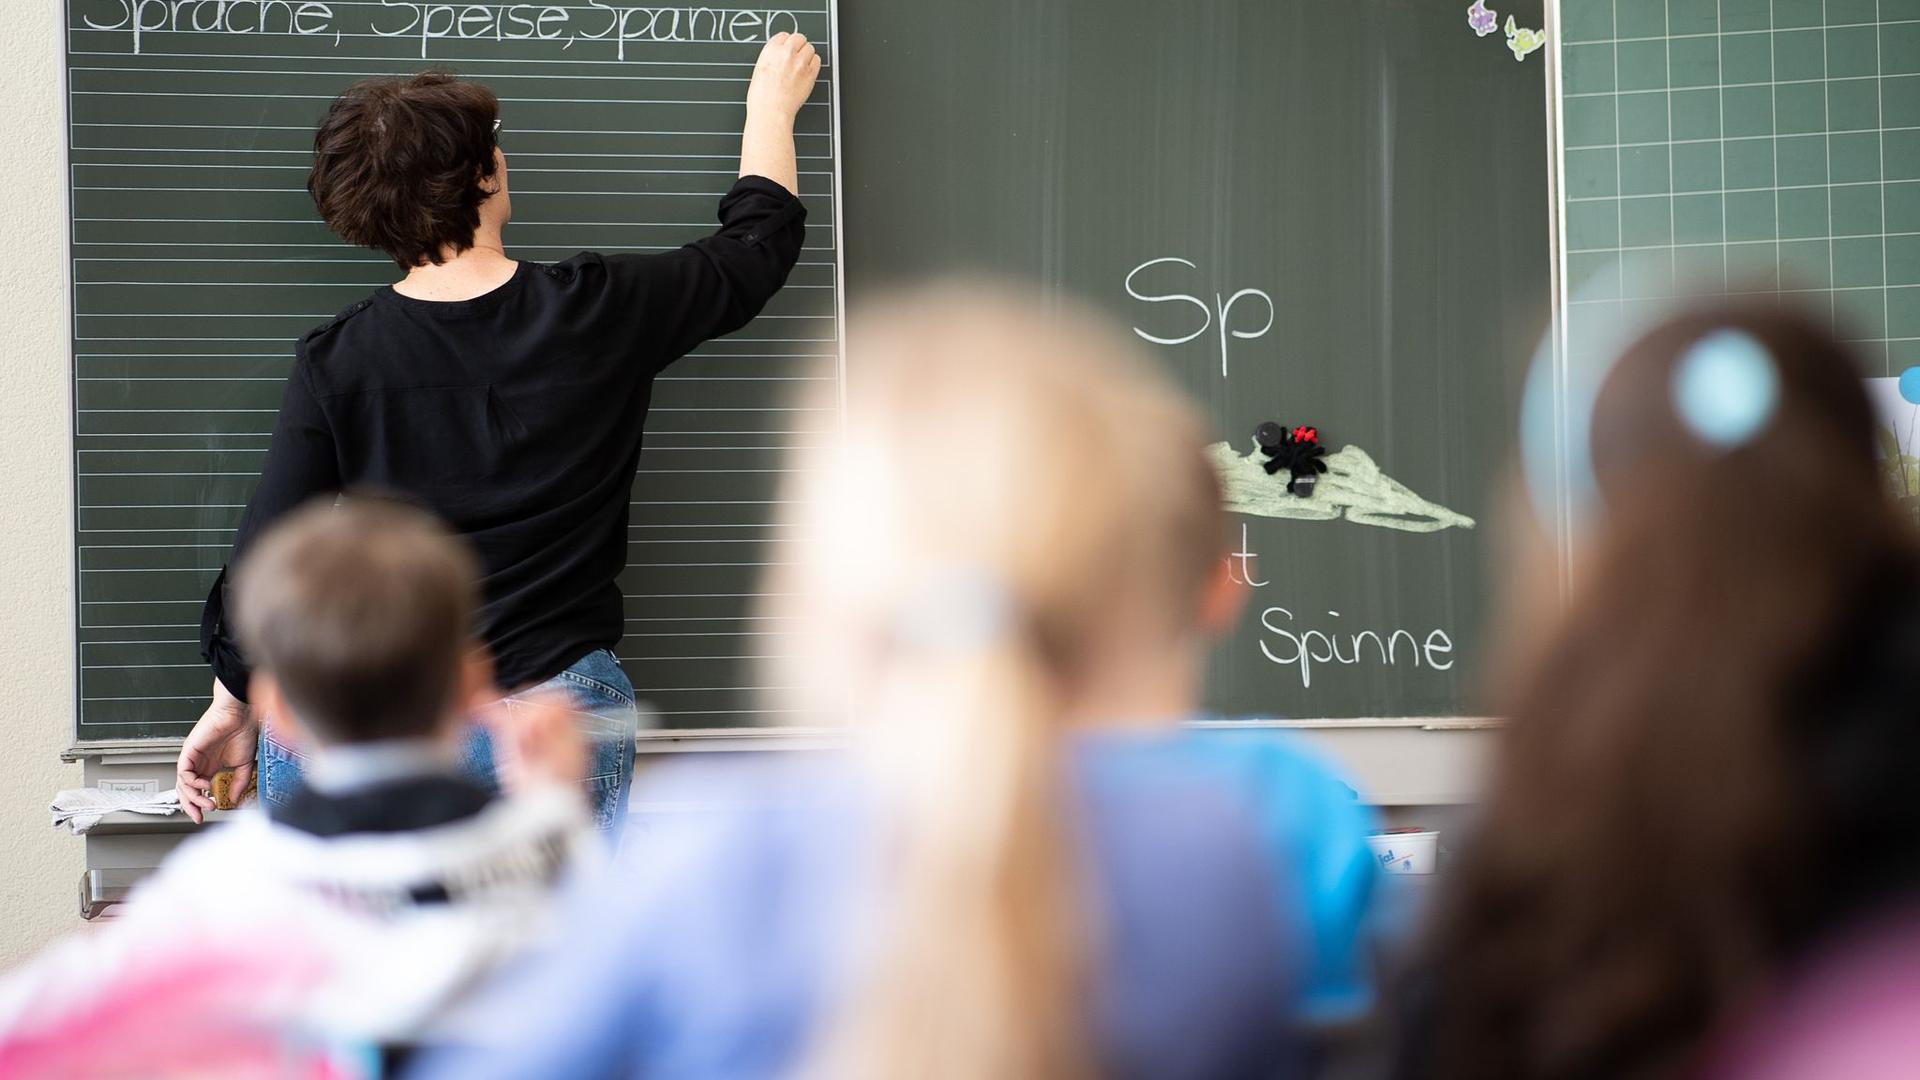 Eine Lehrerin schreibt in einer Schule an die Tafel.